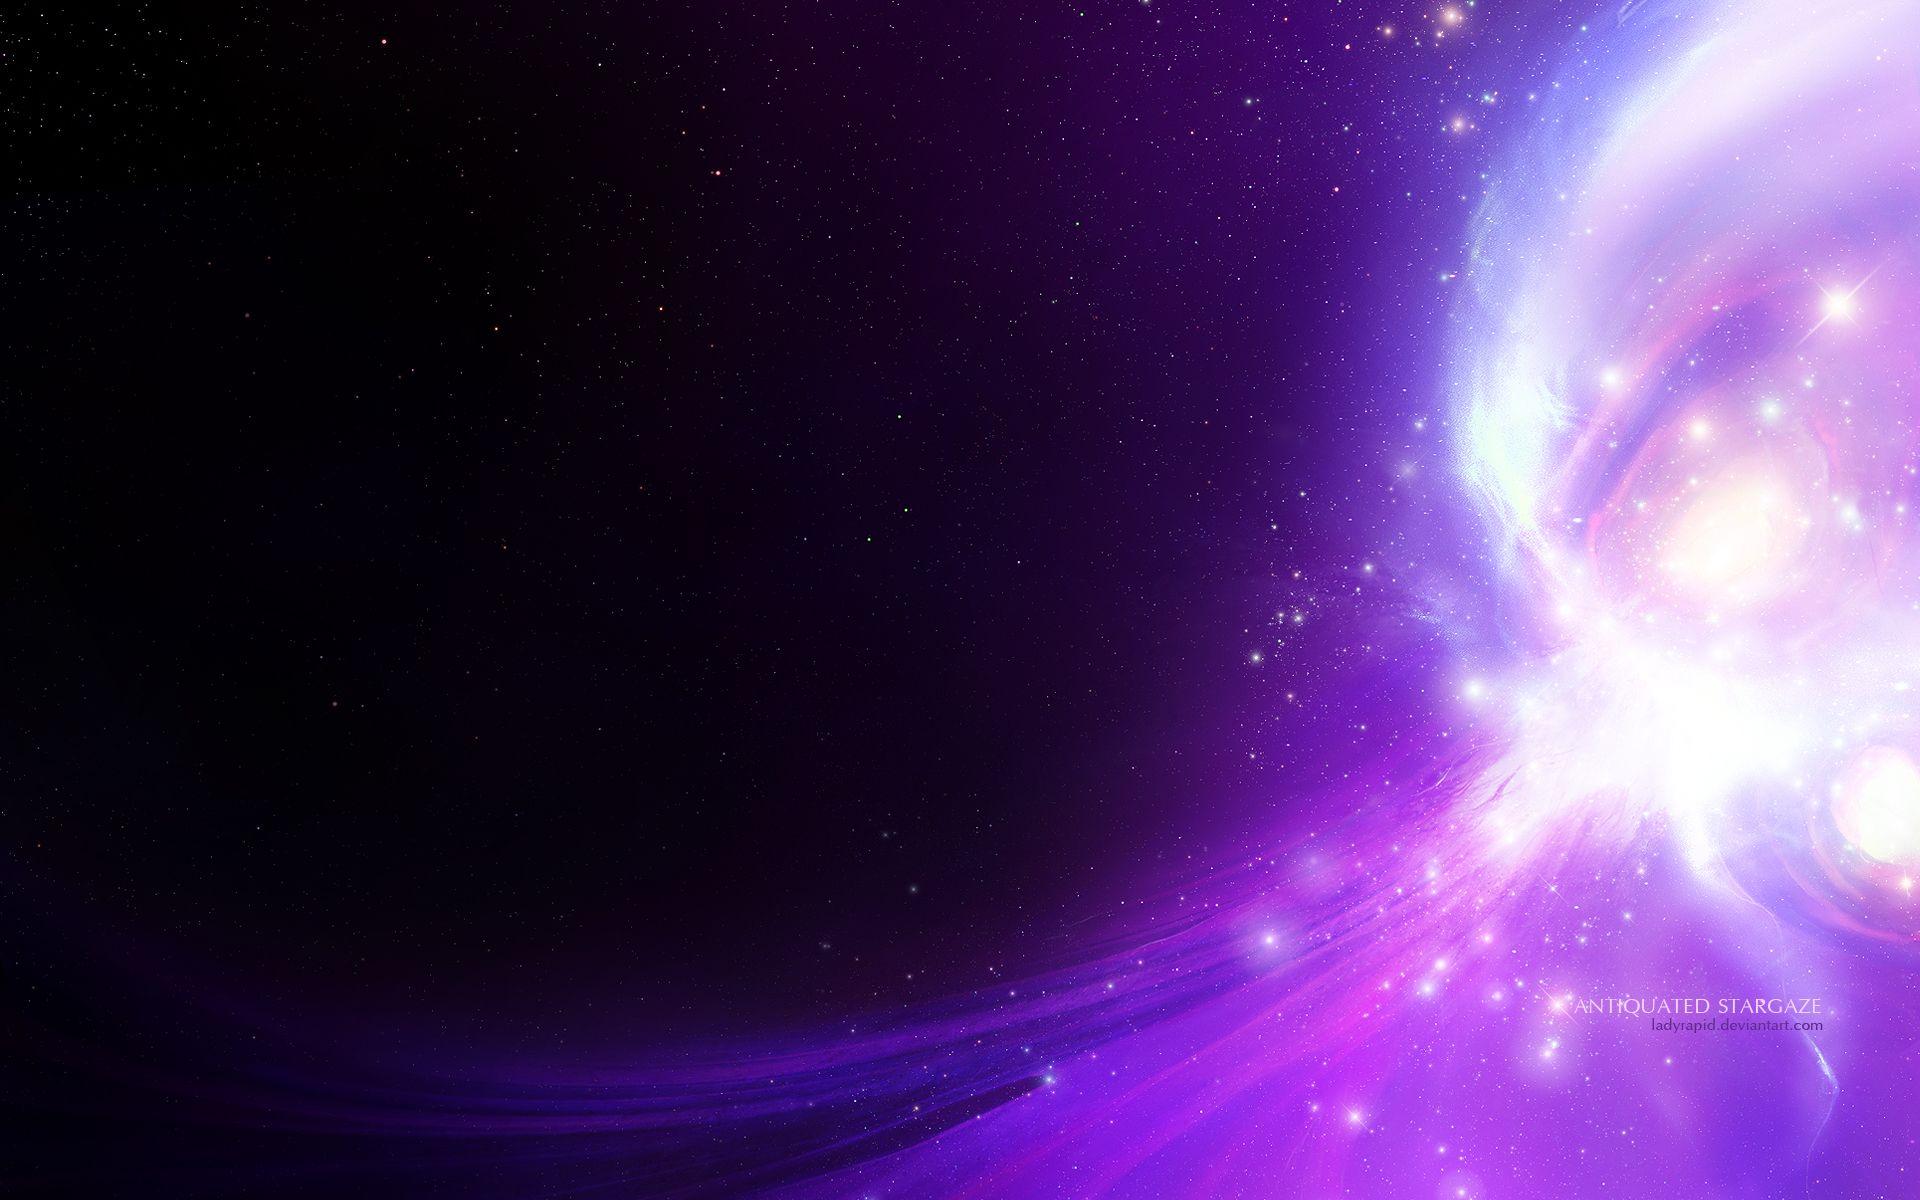 HD Purple Space Wallpaper